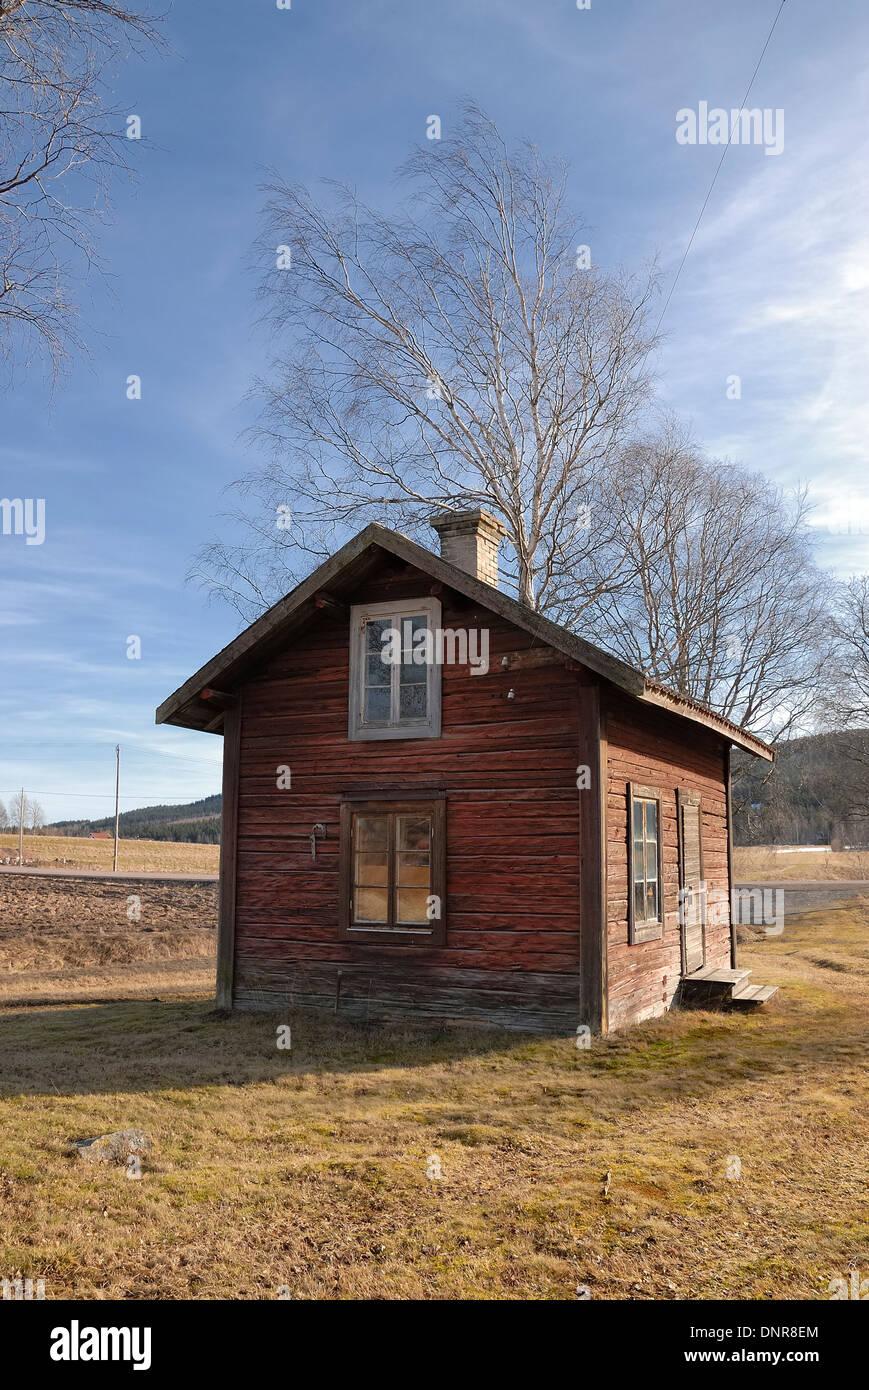 Abandon house - Stock Image